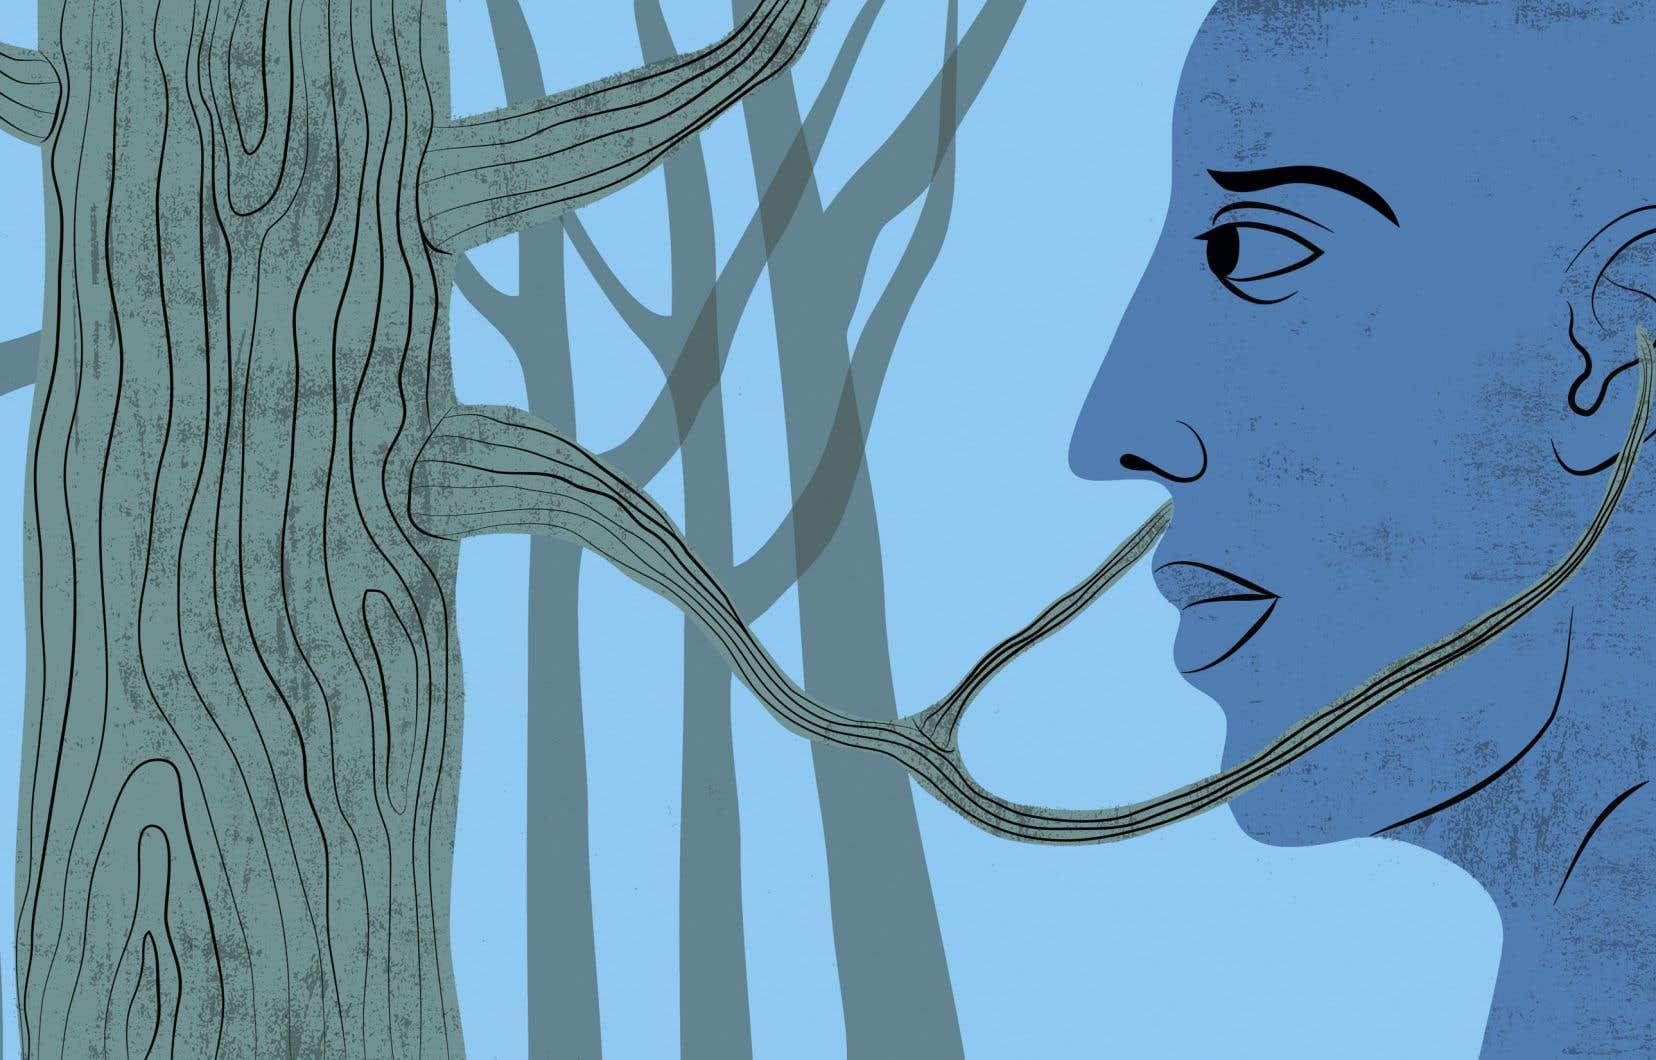 La forêt habite aussi nos imaginaires et nos sensibilités. La foresterie se pose dès lors comme une science qui demande non seulement de grandes connaissances et compétences dans la compréhension du milieu forestier, mais également dans celle de la complexité du milieu social dans lequel évoluent les forêts.